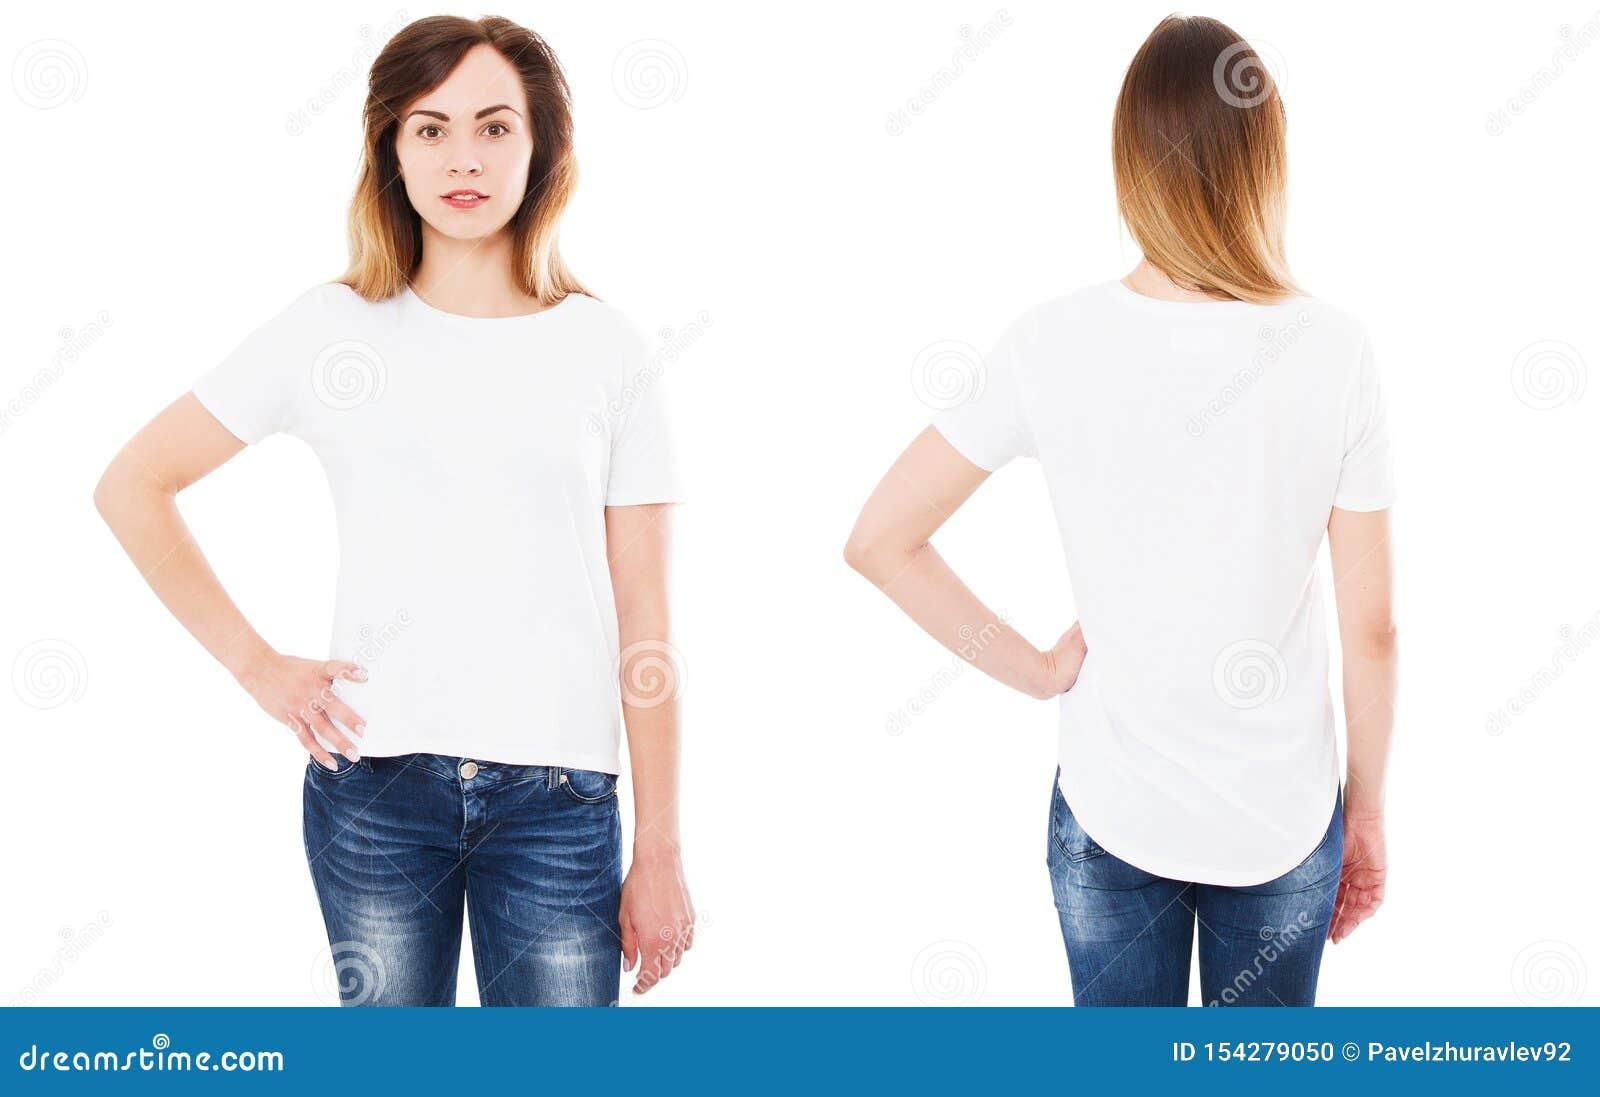 Maglietta posteriore anteriore di viste isolata su fondo, sul collage della maglietta o sull insieme bianco, camicia della ragazz